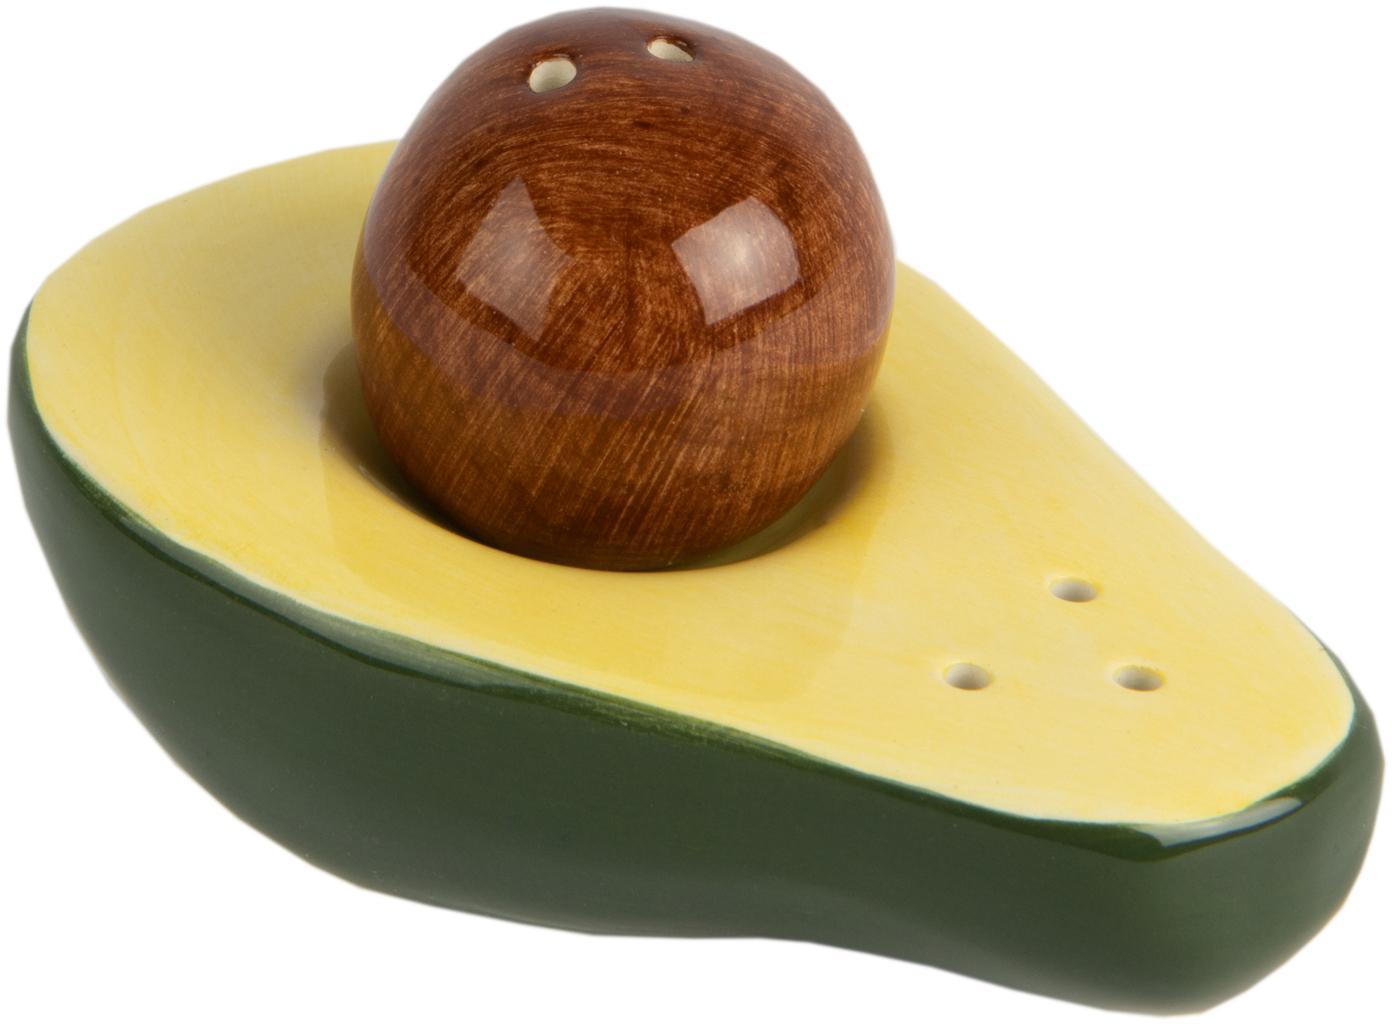 Salz- und Pfefferstreuer Avocado, 2er-Set, Porzellan, Grün, Gelb, Braun, 9 x 5 cm